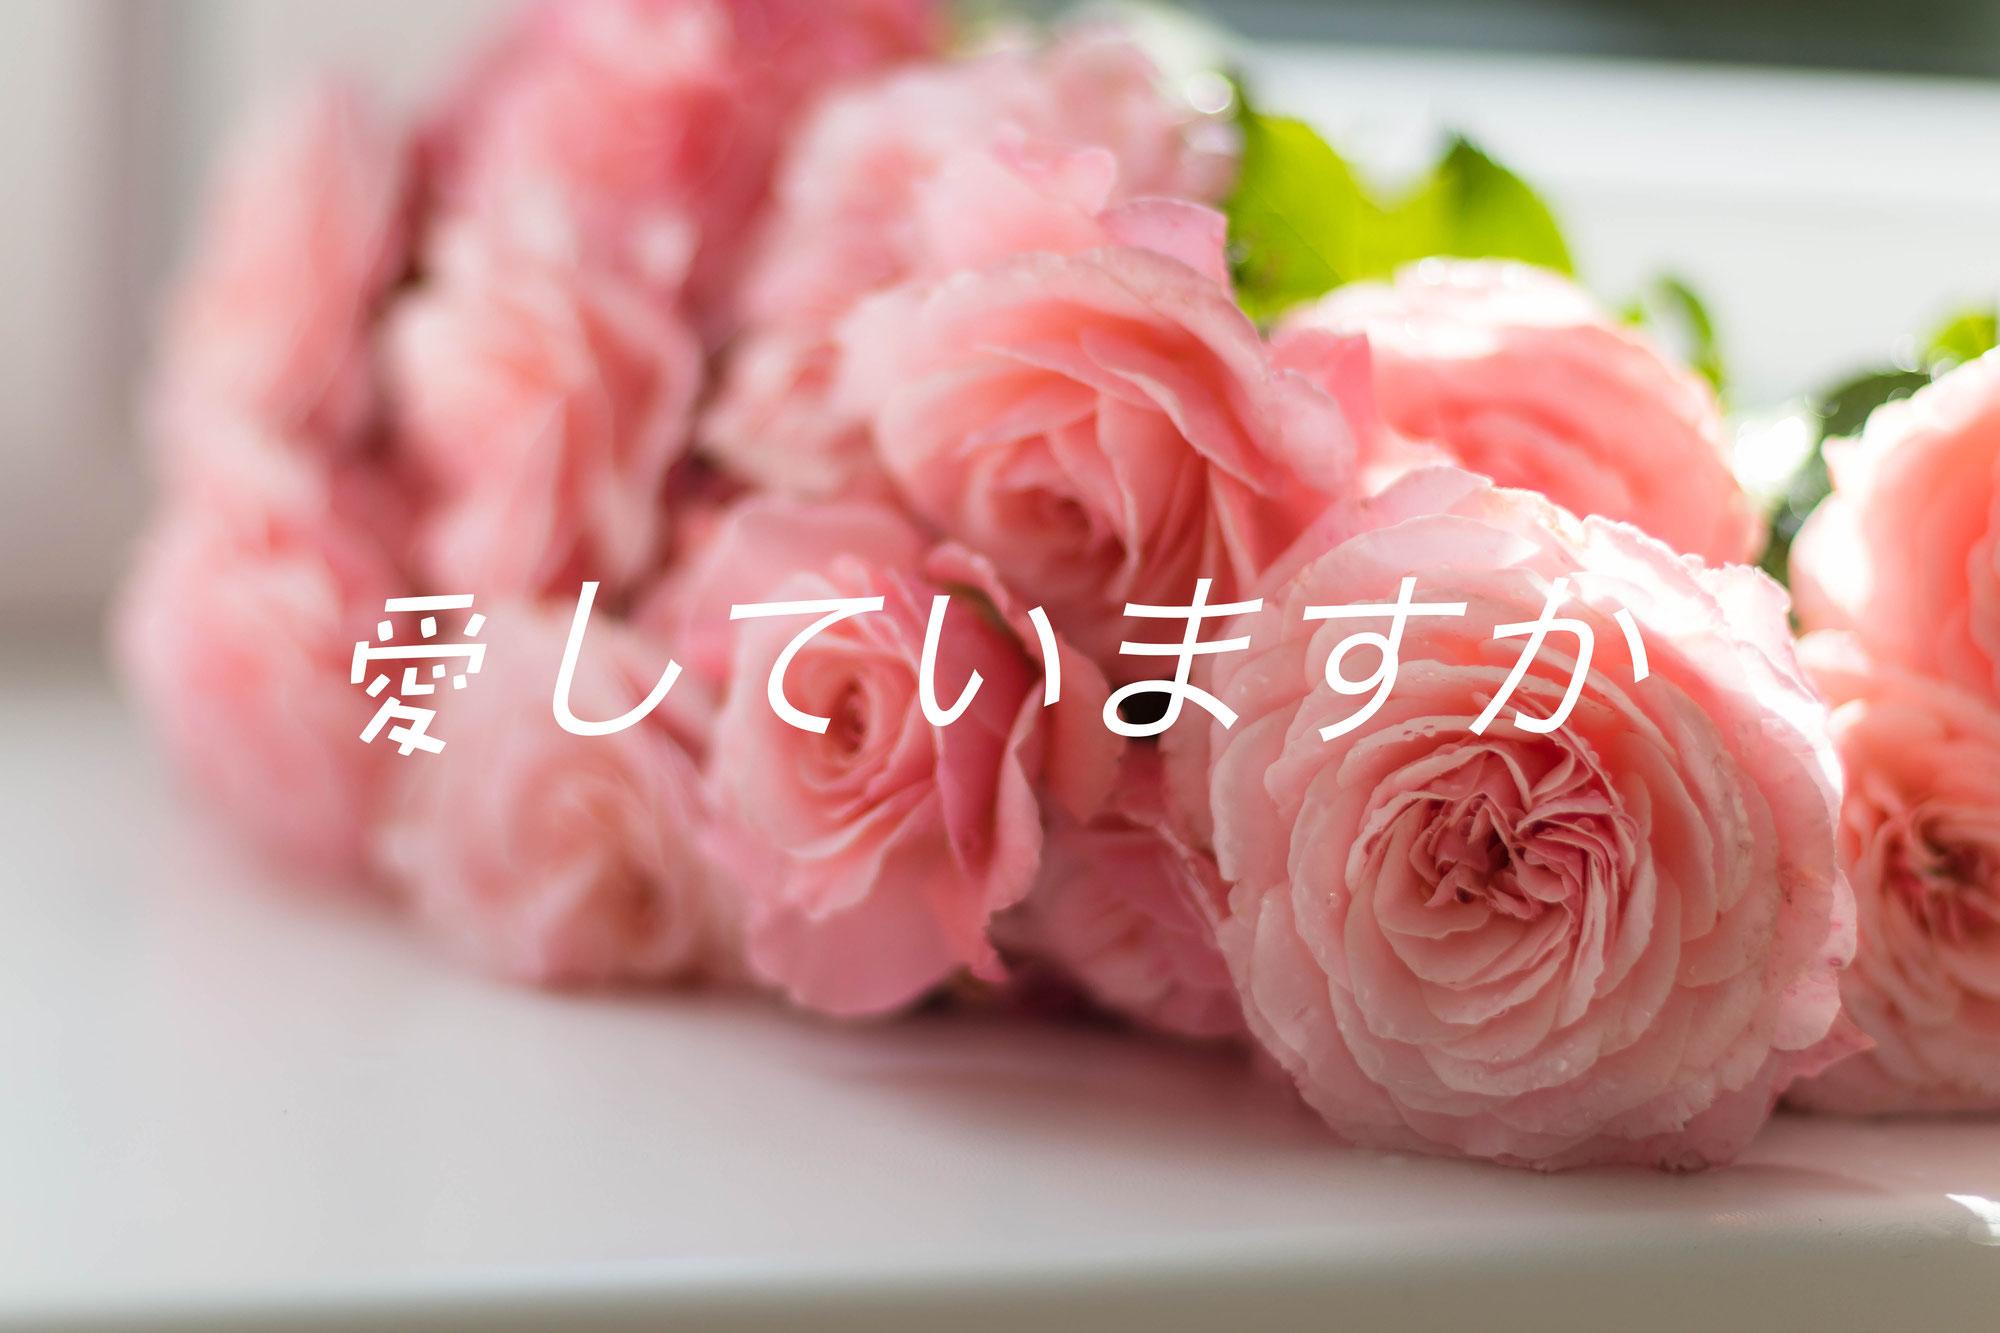 愛していますか